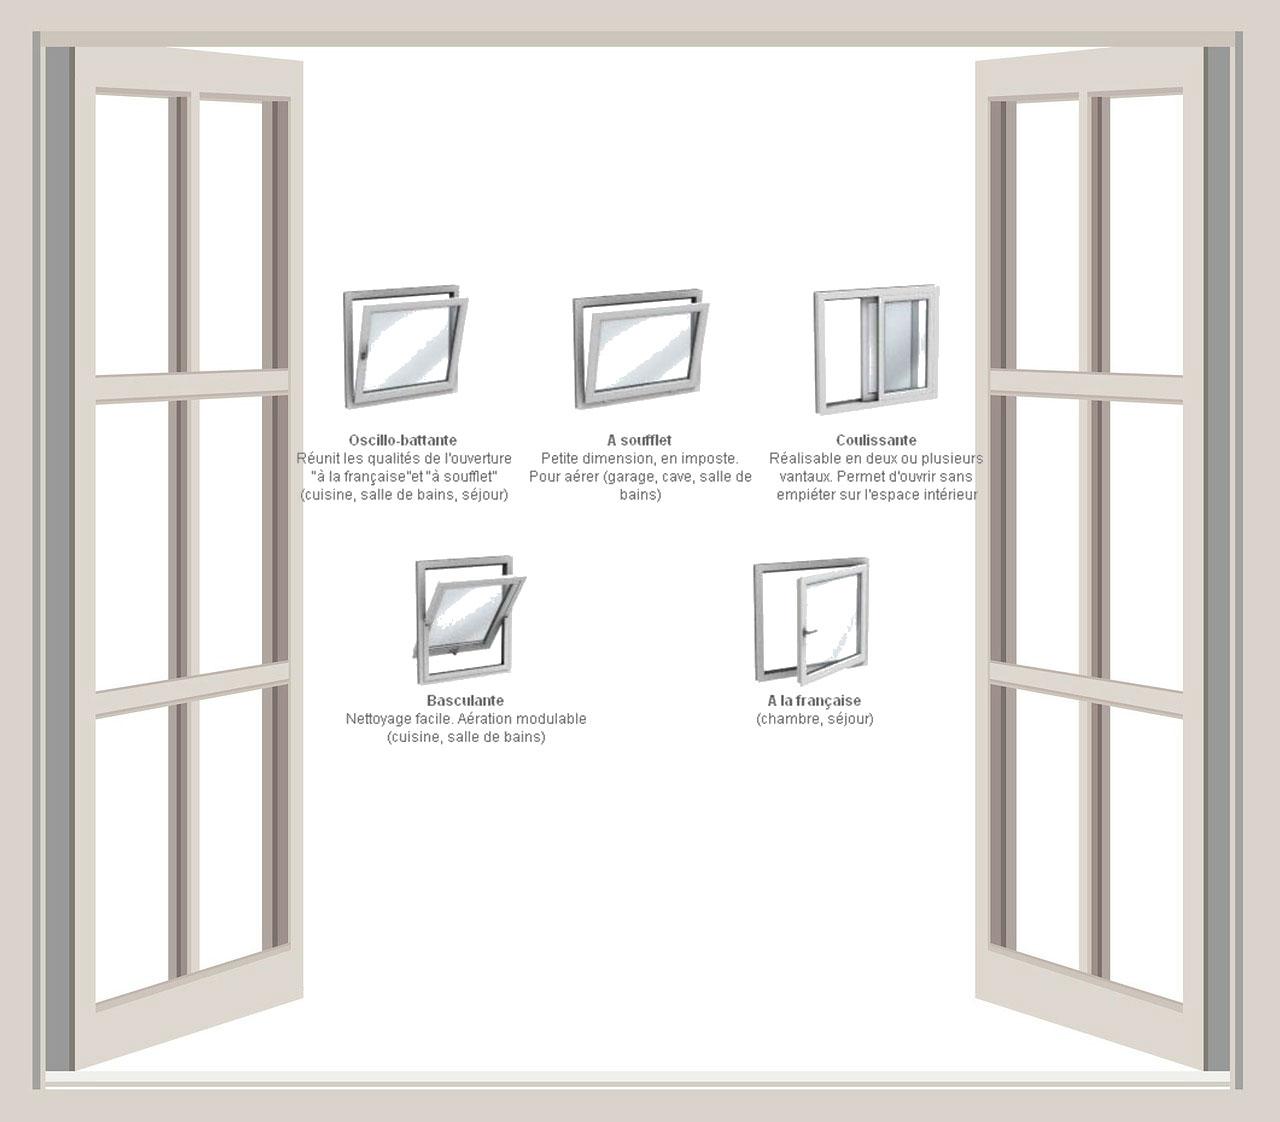 les fen tres et les diff rents types d ouverture. Black Bedroom Furniture Sets. Home Design Ideas